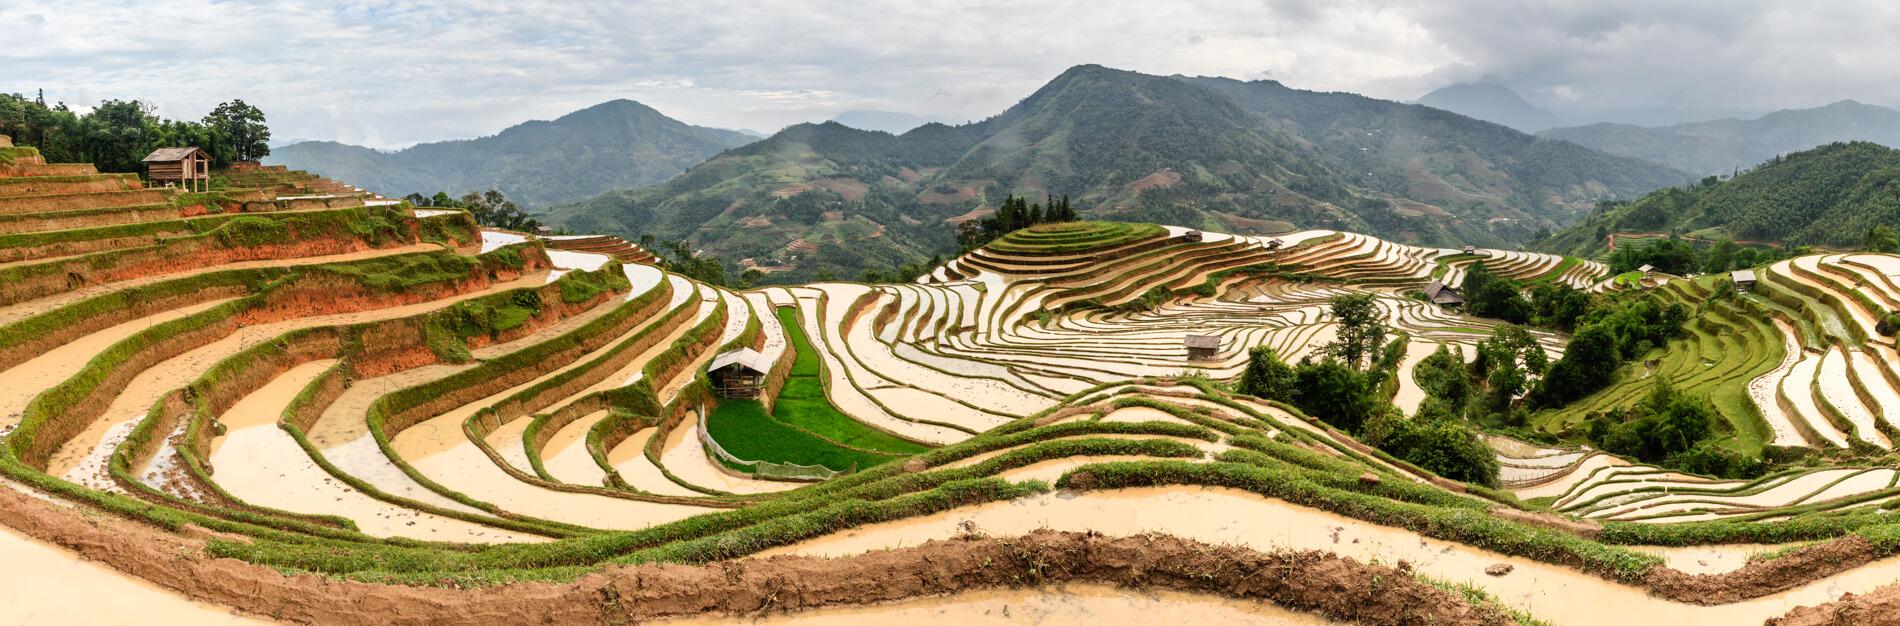 rizières en terrasse de Hoang Su Phi.